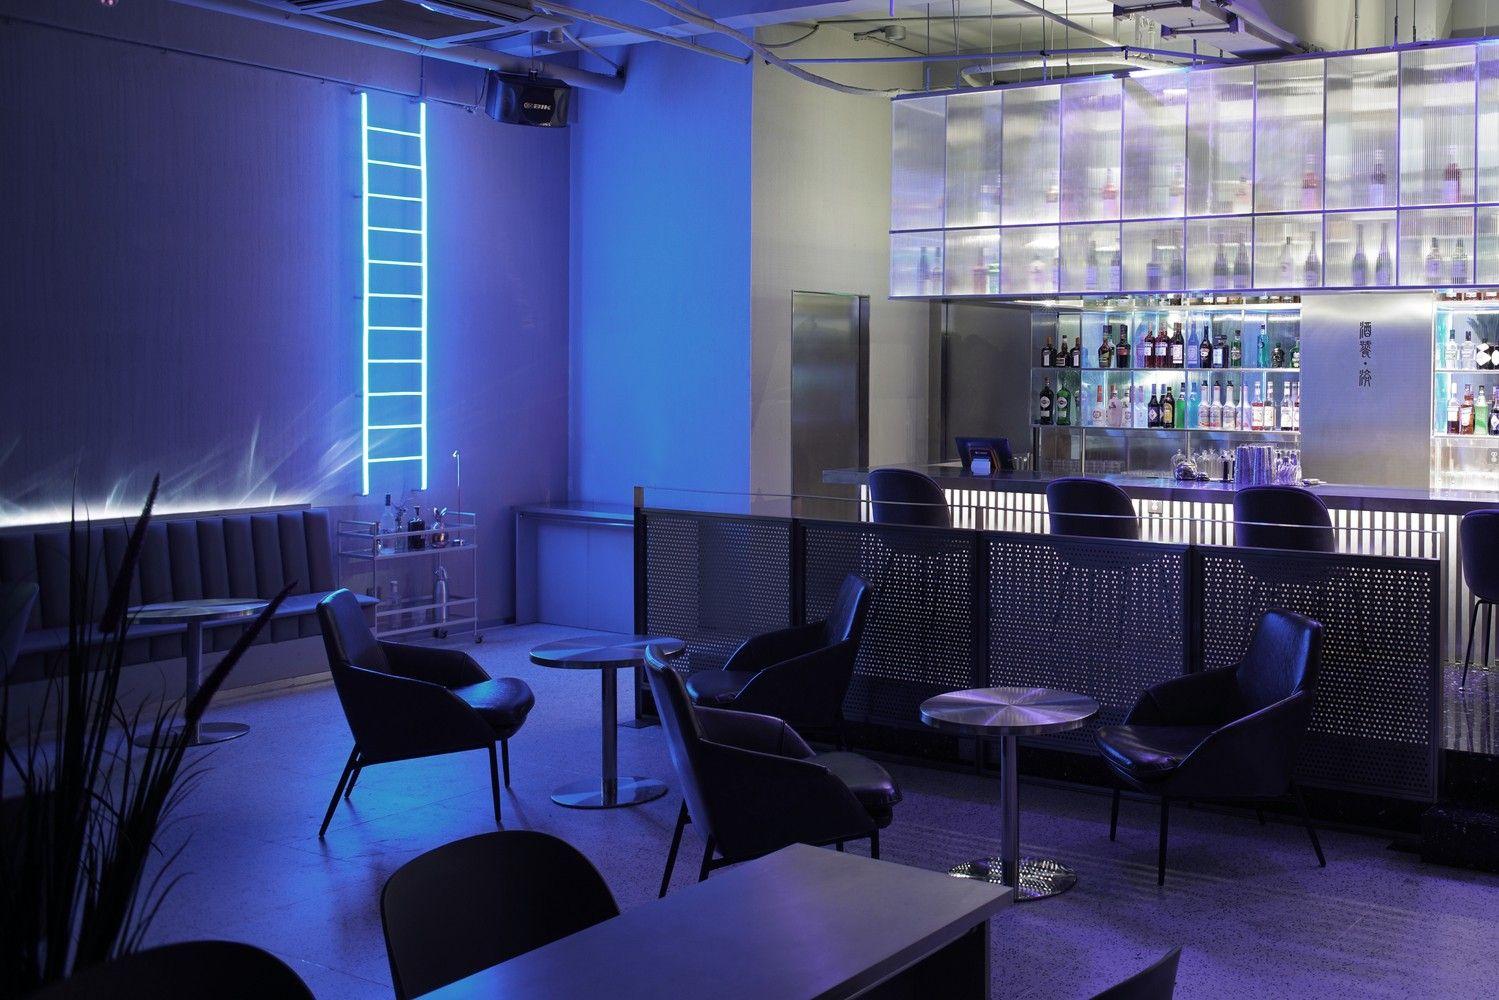 最新 | 斗西设计:酒饕-济 酒吧|刘永鹏 - 2